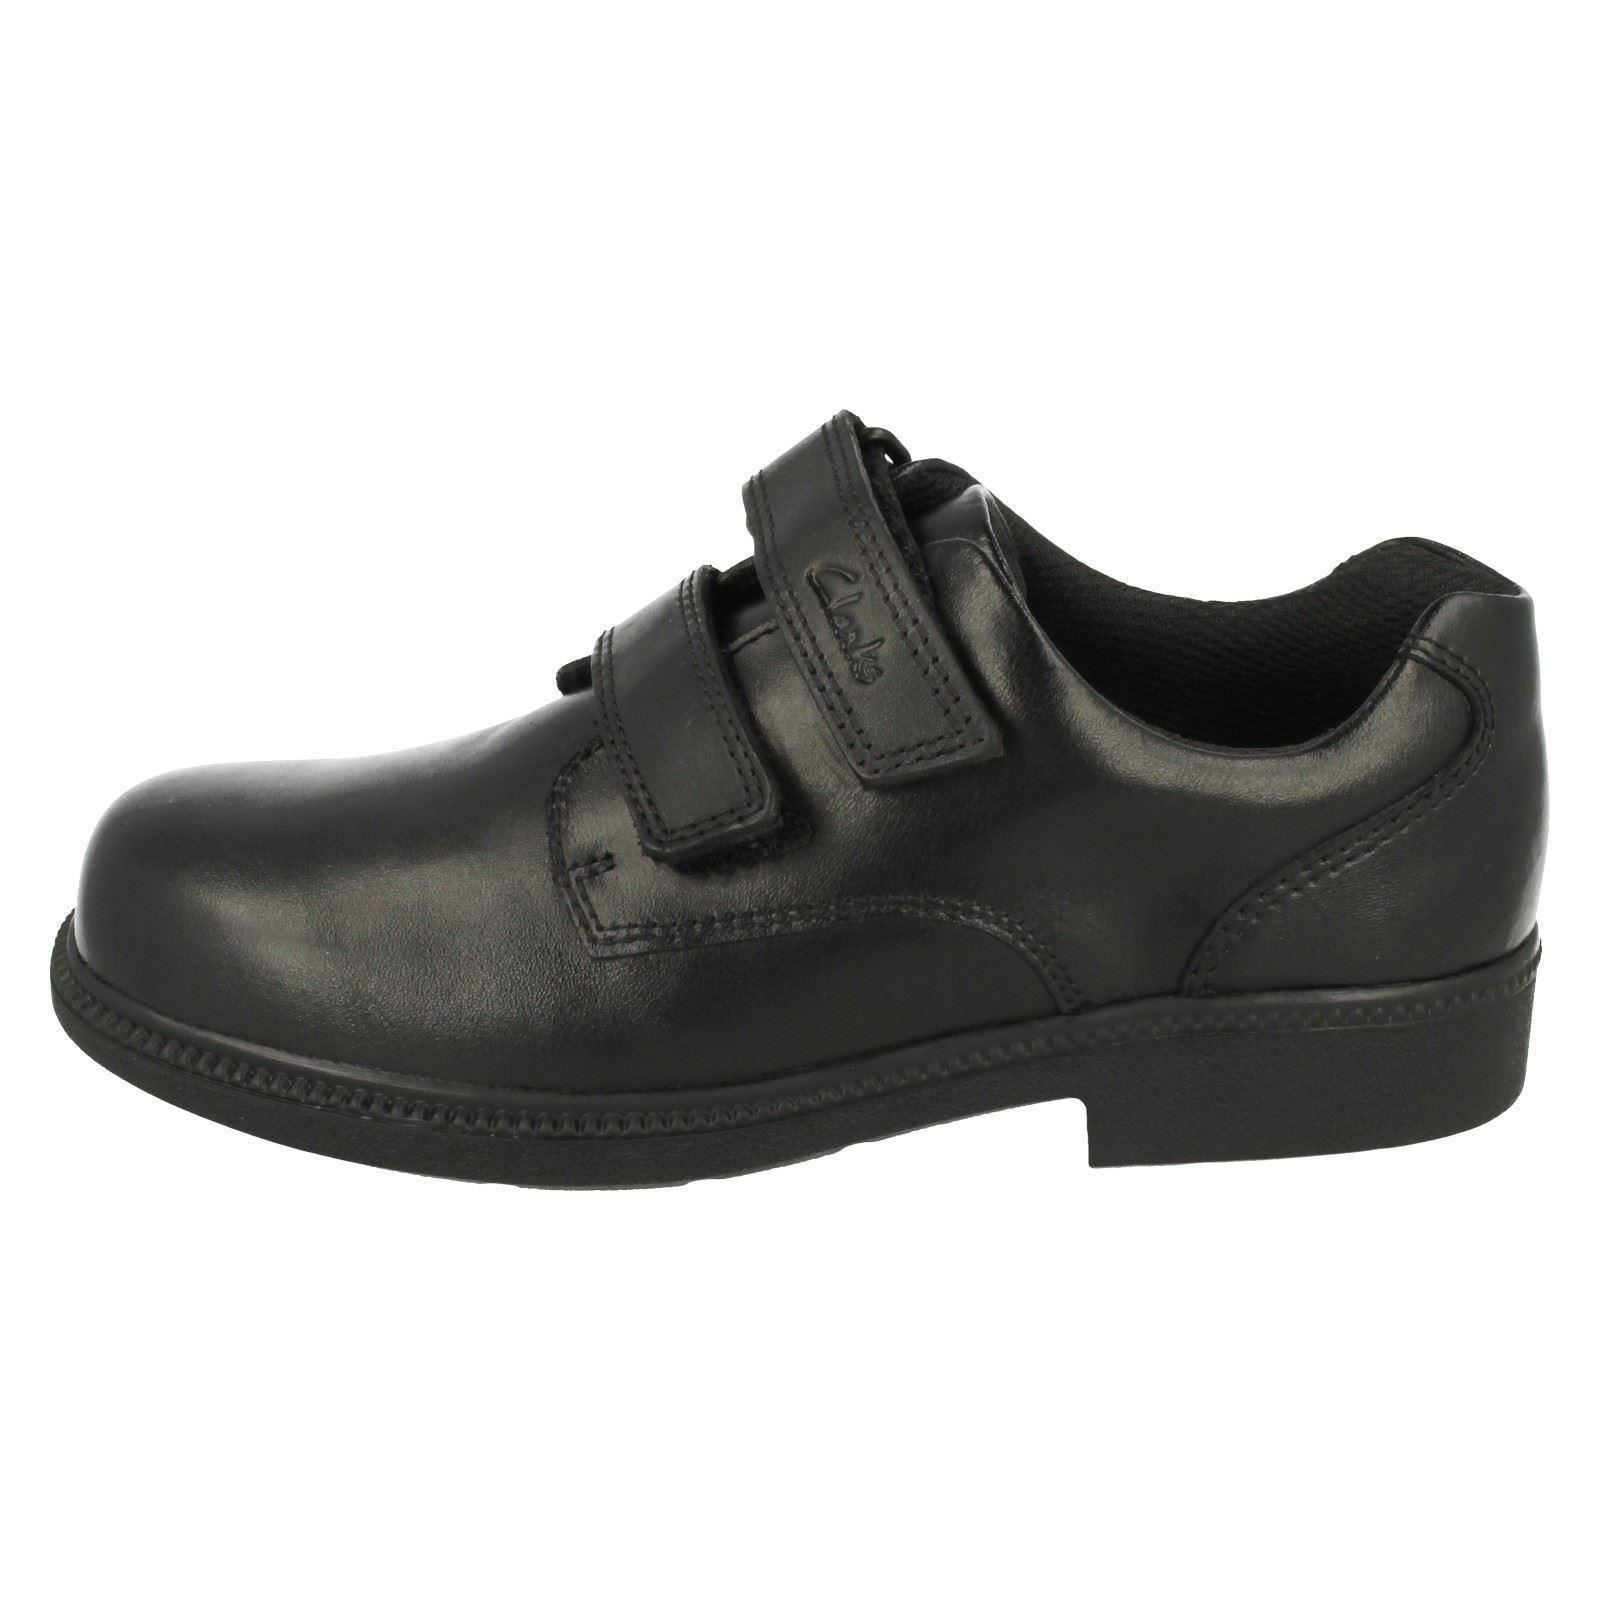 Chicos Clarks Zapatos Escolares Inteligente Puerta Deaton